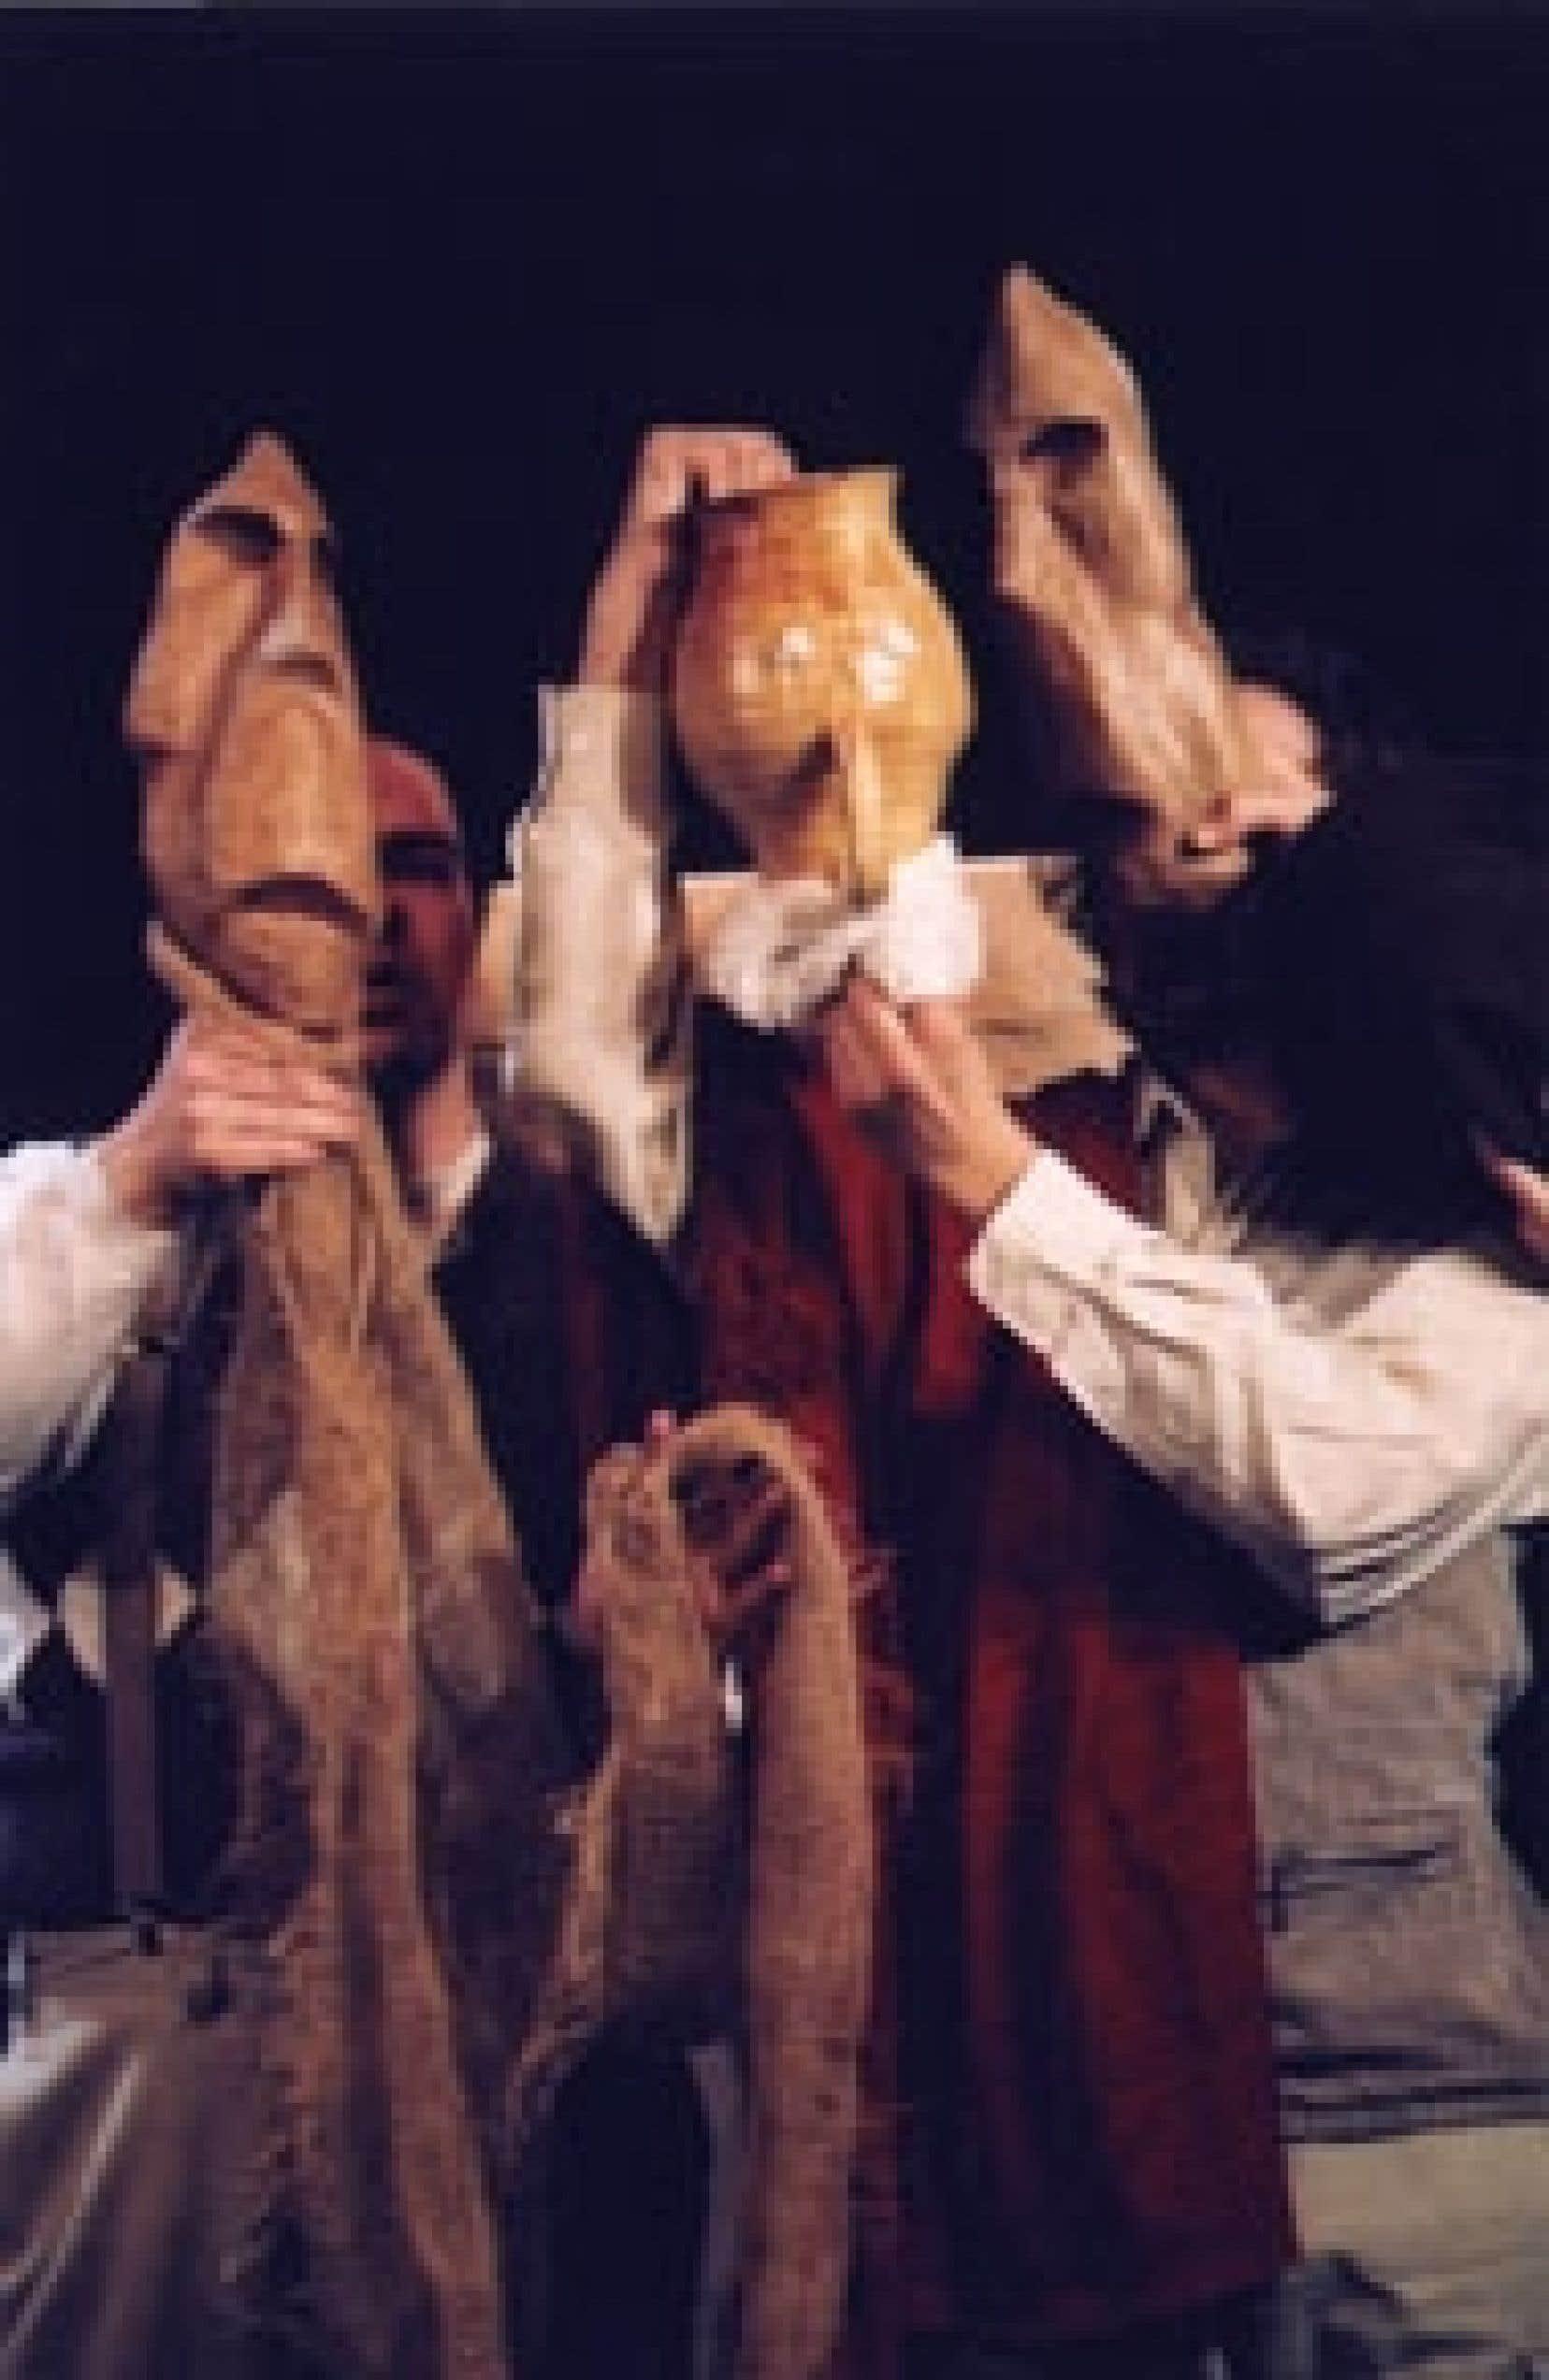 Avec la pièce Persée, du Théâtre de la Pire Espèce, l'inventivité est une fois de plus du voyage. Source : Suzane O'neill